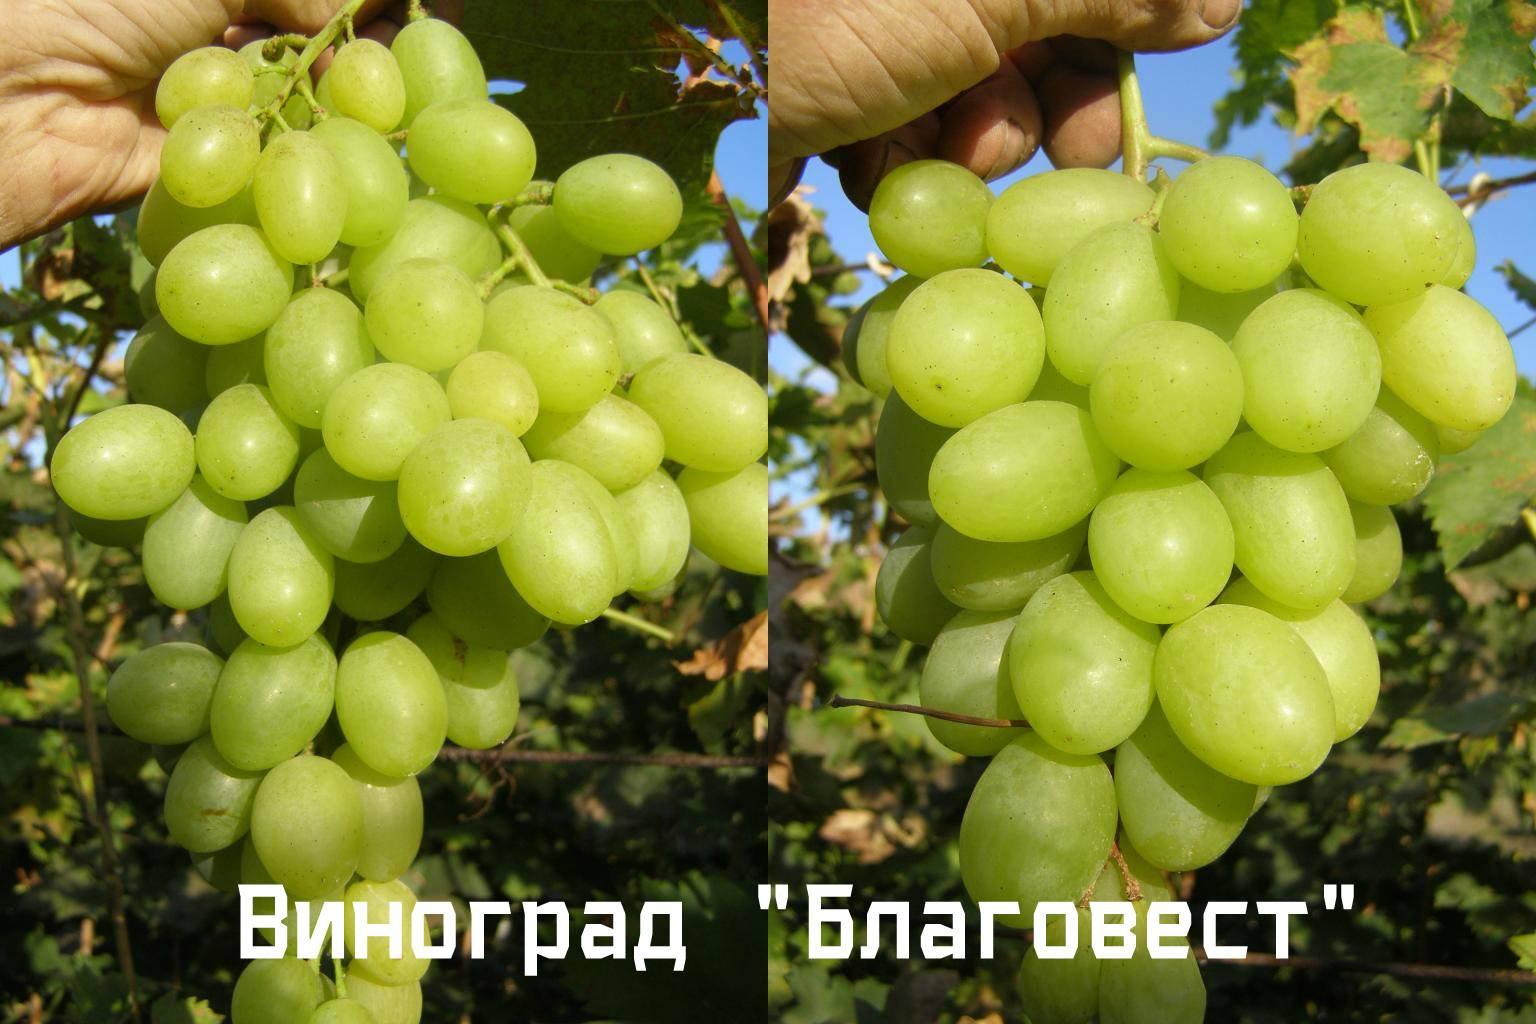 Виноград изюминка: описание сорта, фото, отзывы